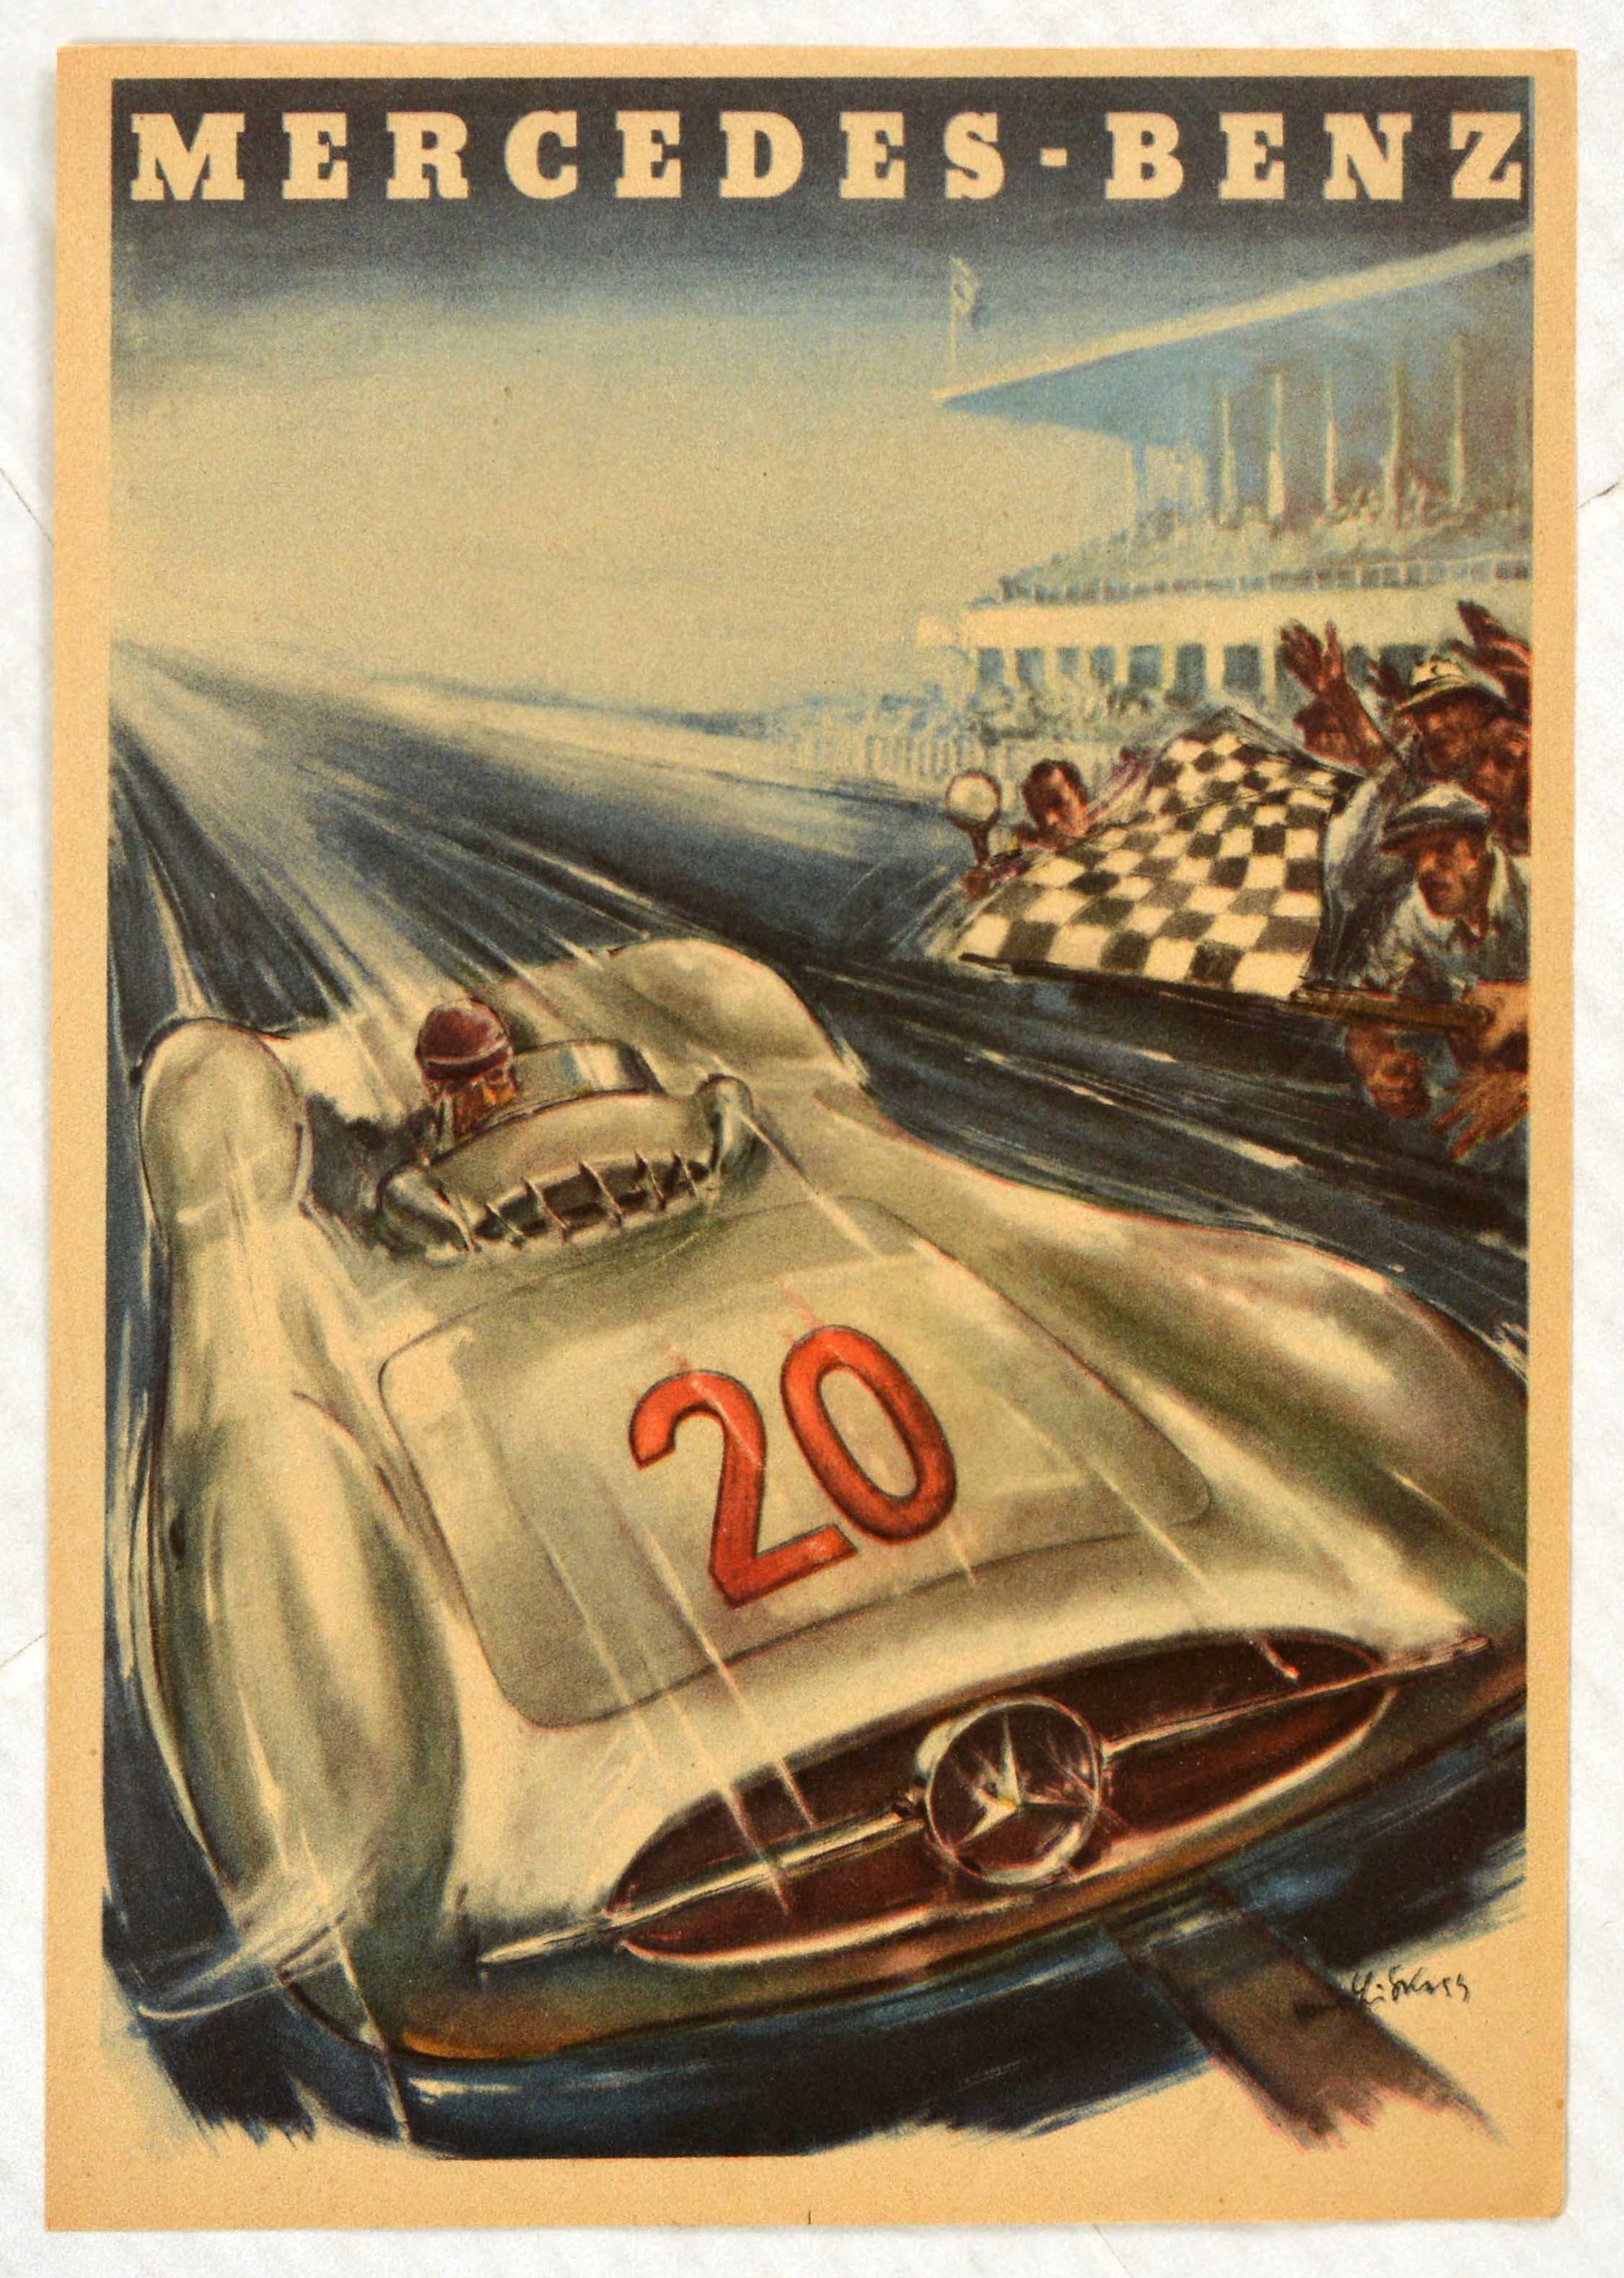 Original Vintage Poster Mercedes Benz Motor Sport French Grand Prix Karl Kling